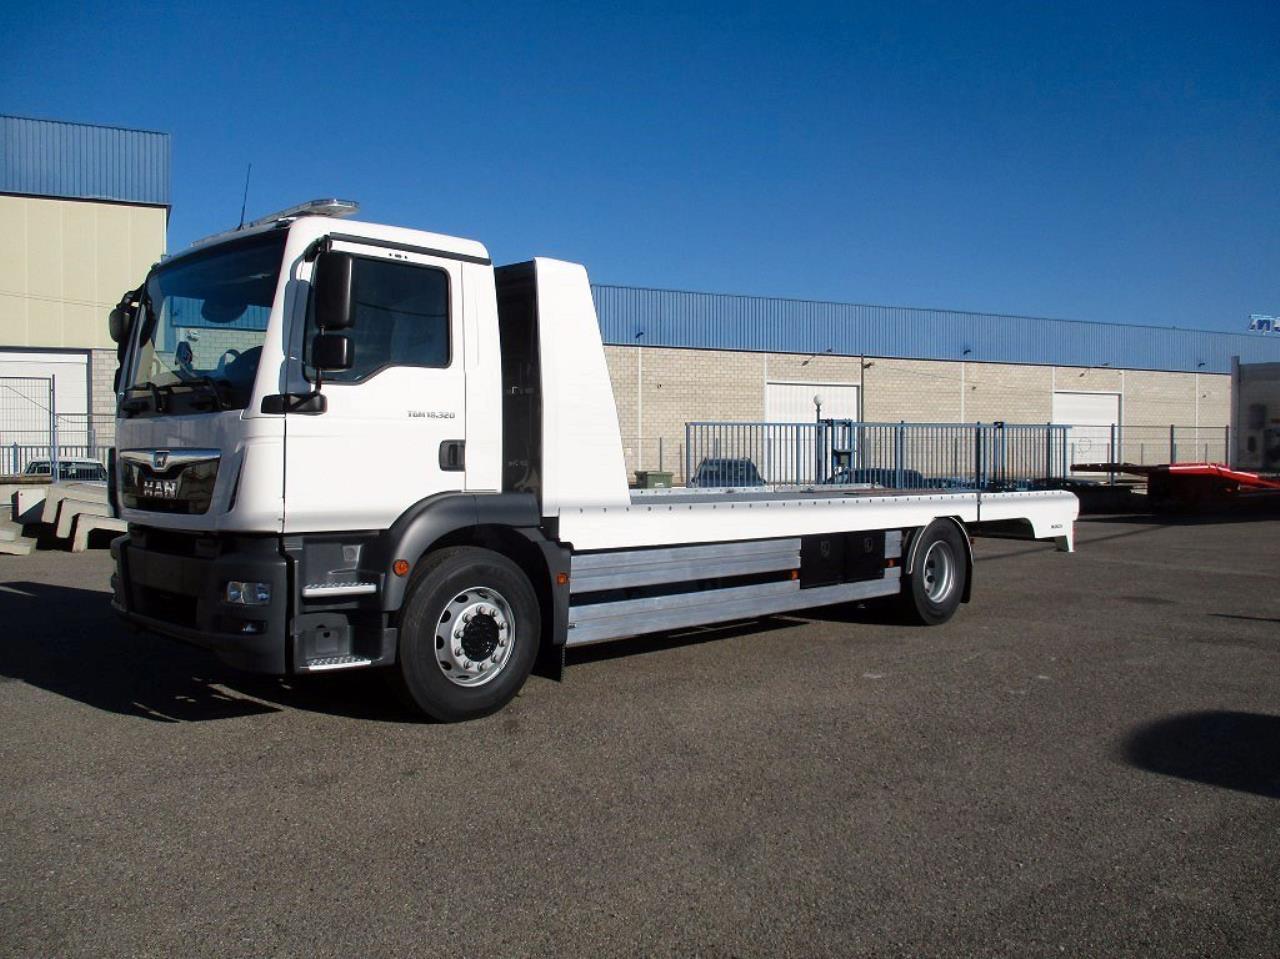 MAN TGM 18.320 4x2 Maskinbil Maskintransport  2021 - Biltransport